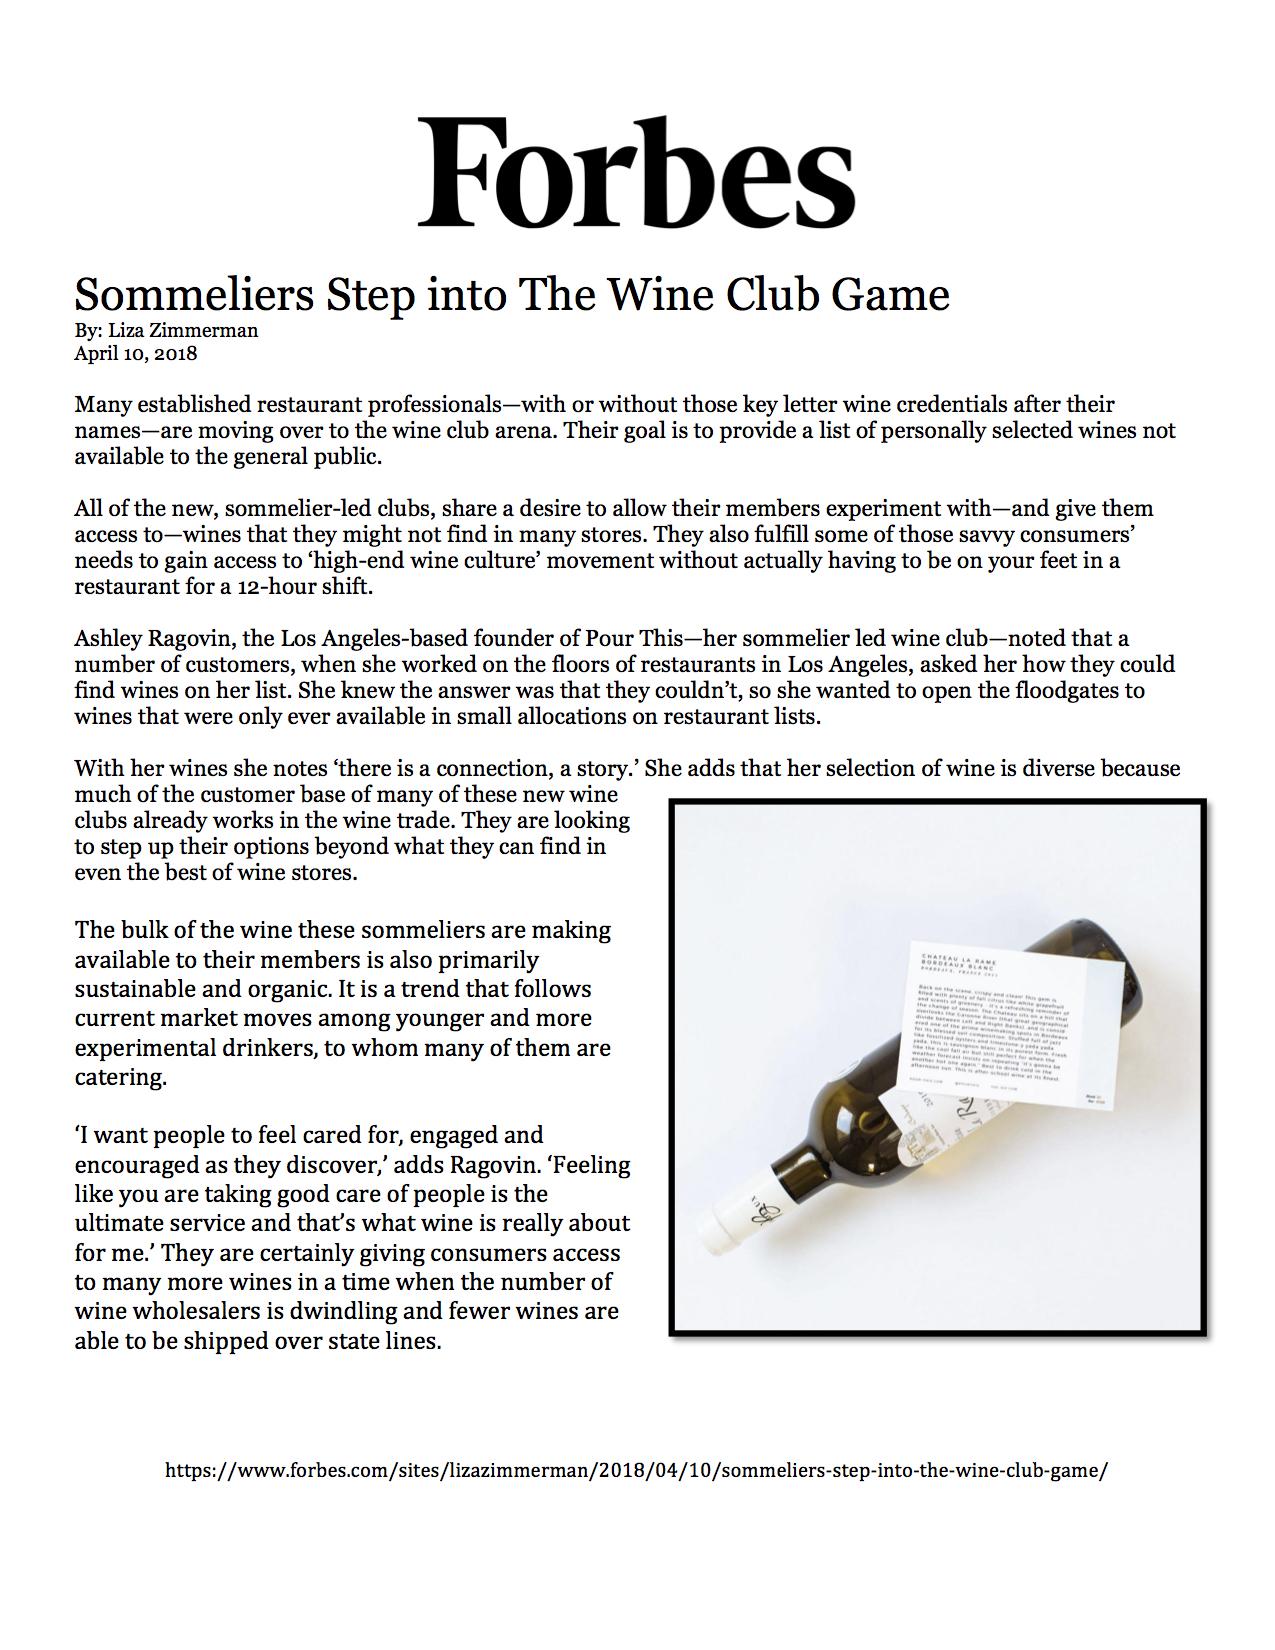 Forbes 4.10.18 no circc.jpg